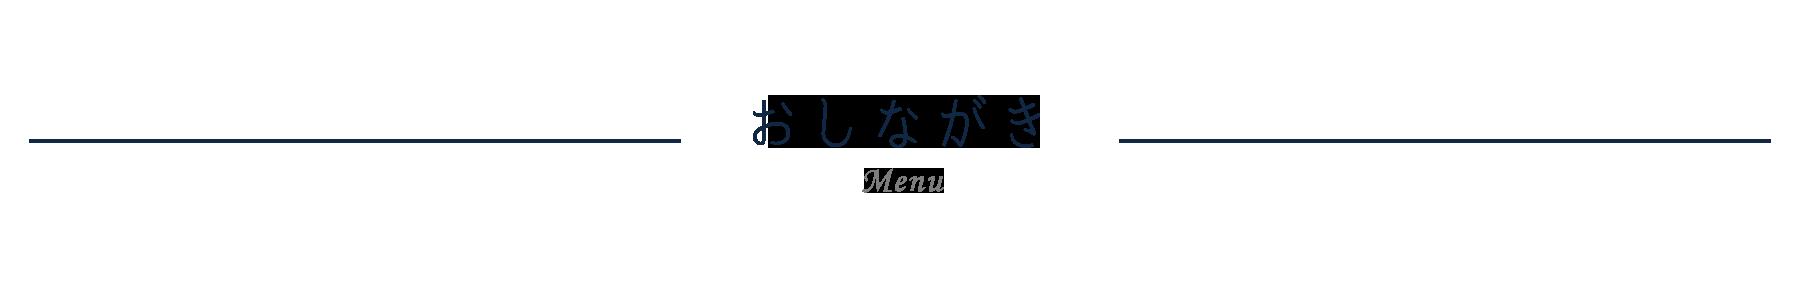 かき氷山田屋メニュー